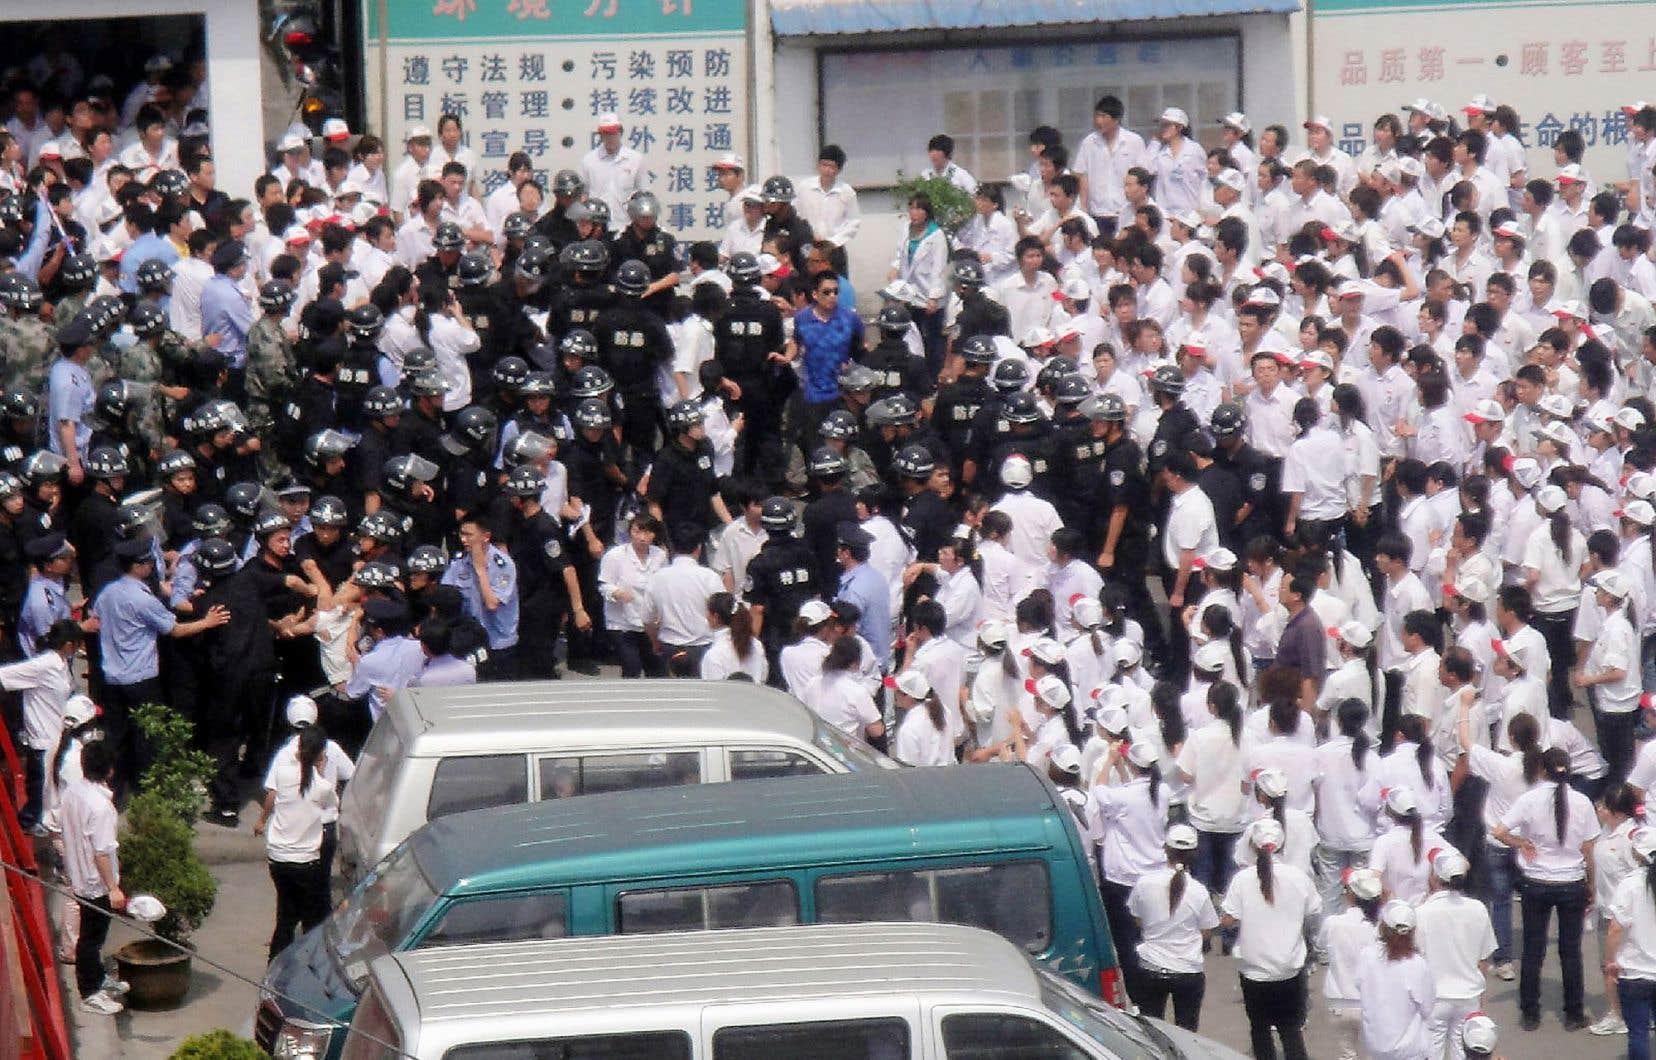 À partir de mai 2010, les grèves se sont multipliées en Chine, comme ici dans une usine à Kunshan, où les ouvriers exigeant de meilleurs salaires avaient affronté la police.